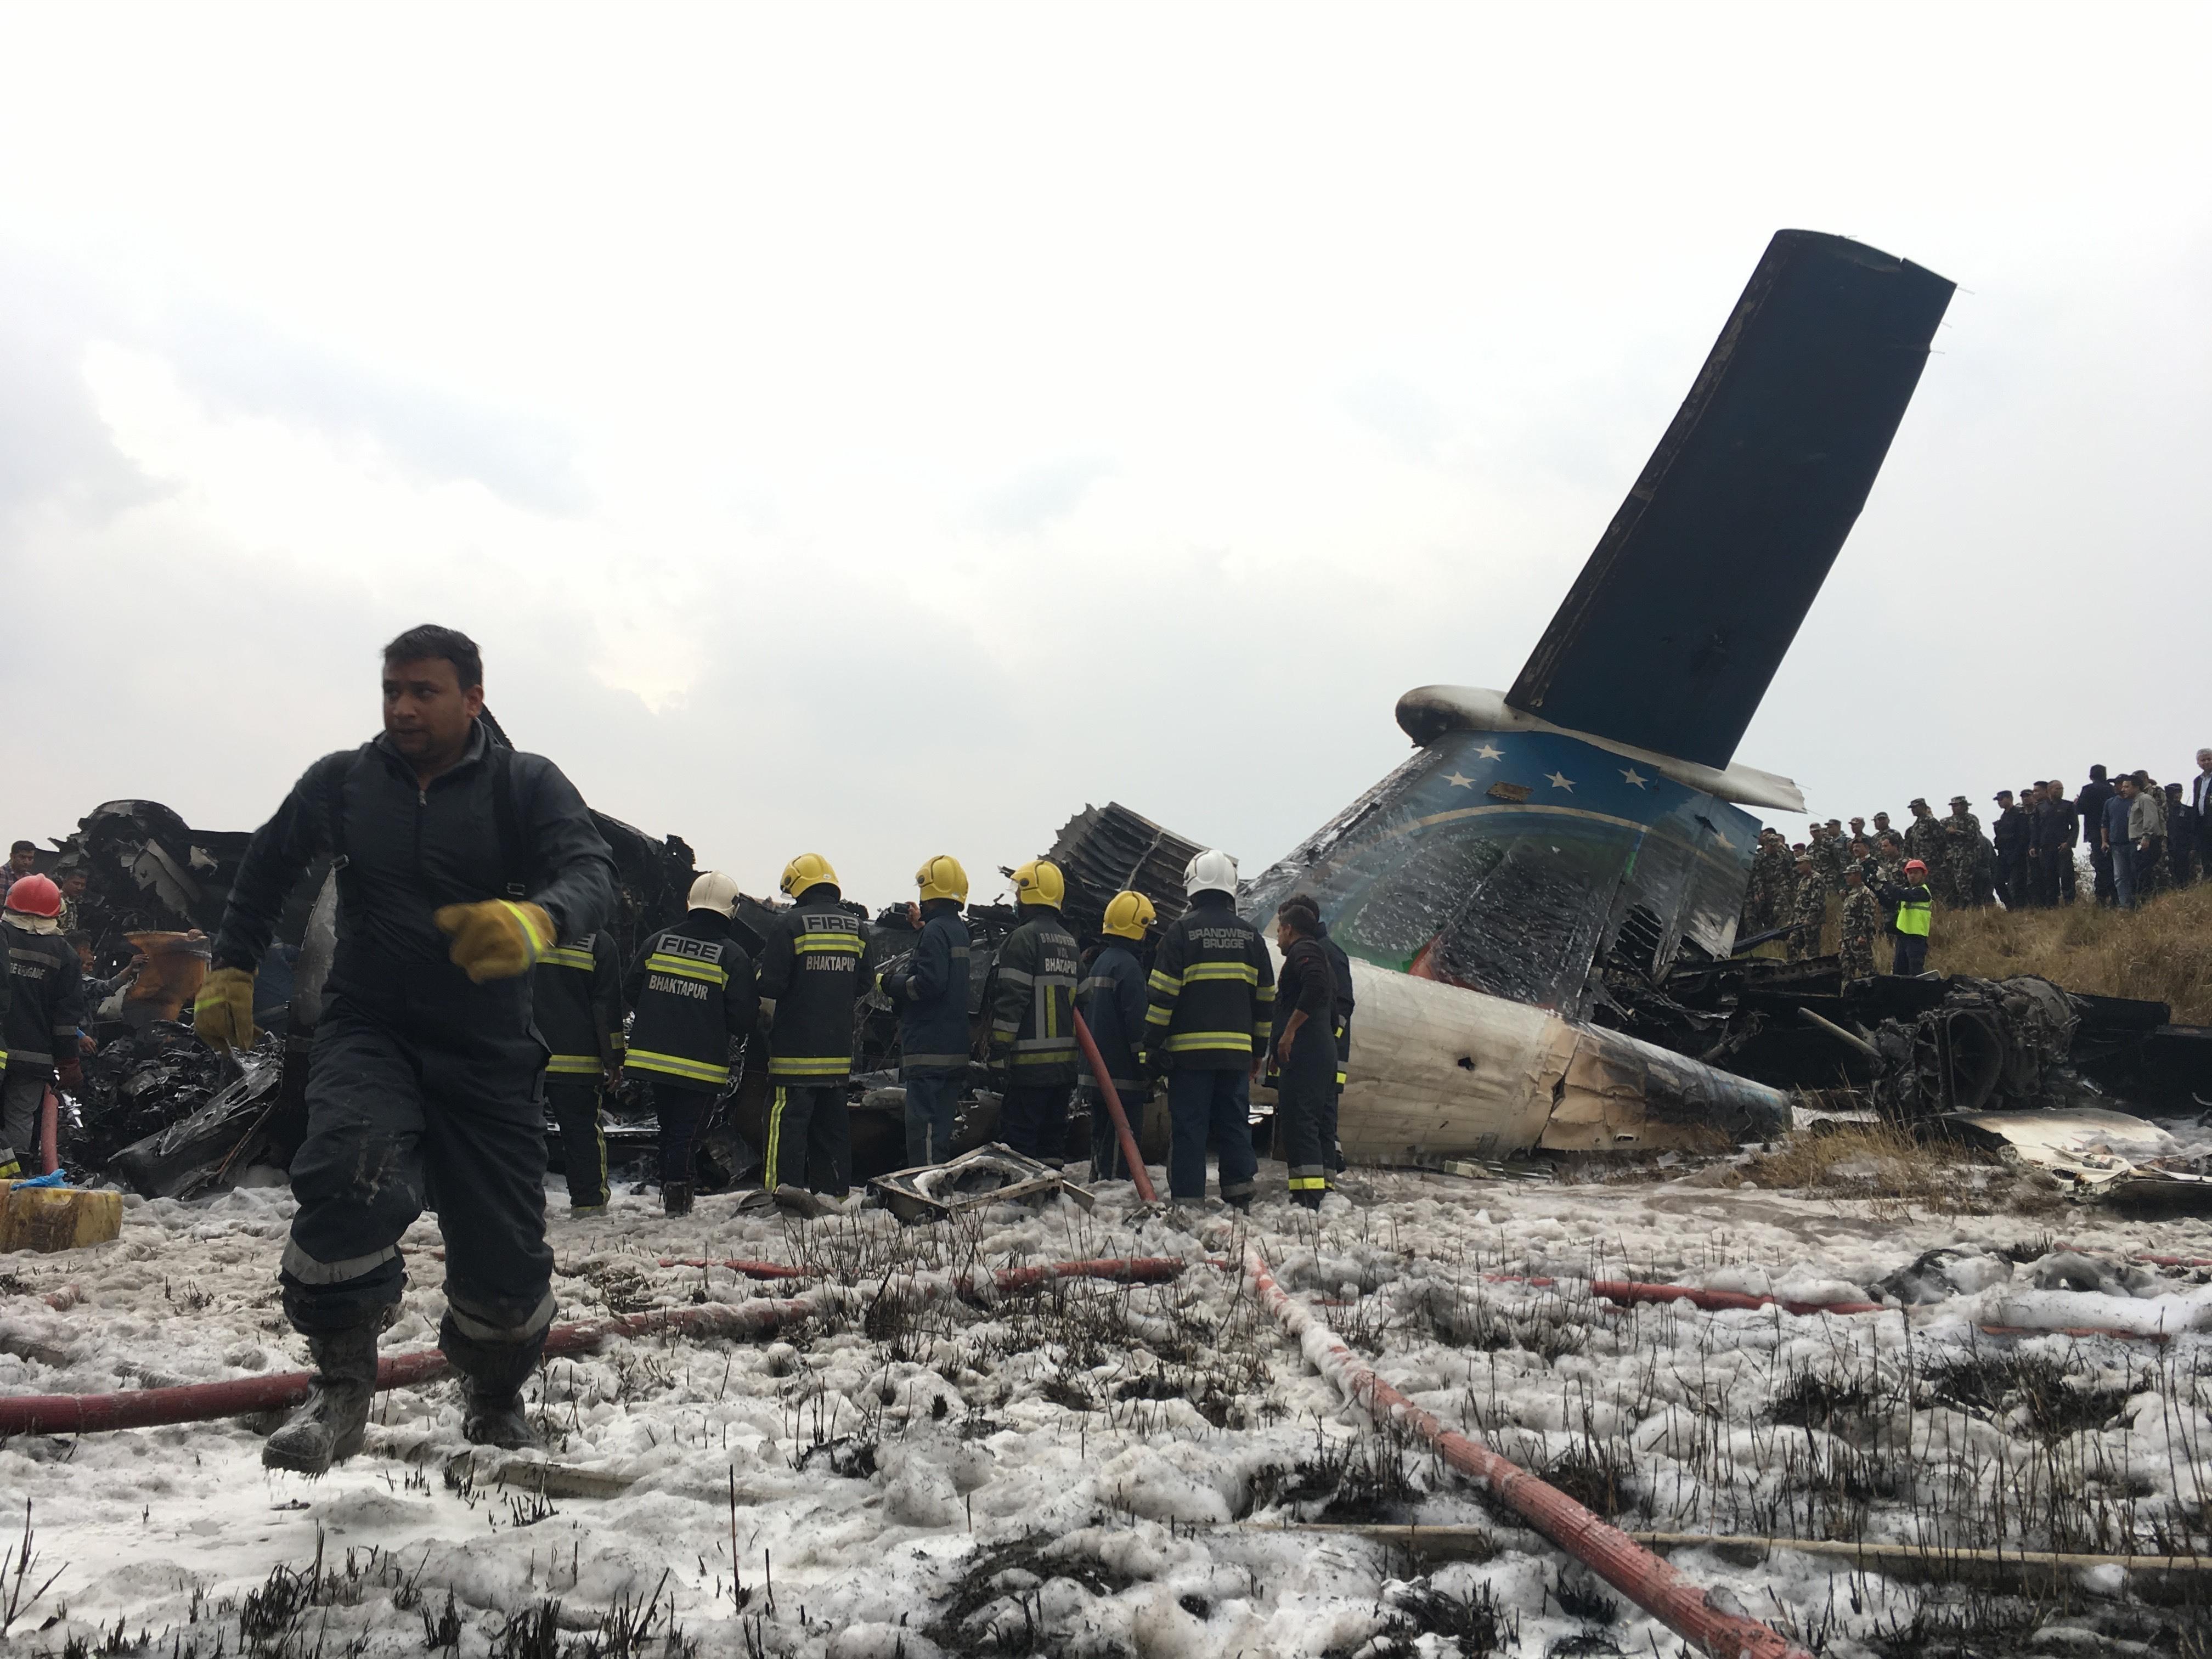 Lezuhant egy utasszállító Katmanduban, legalább ötvenen meghaltak